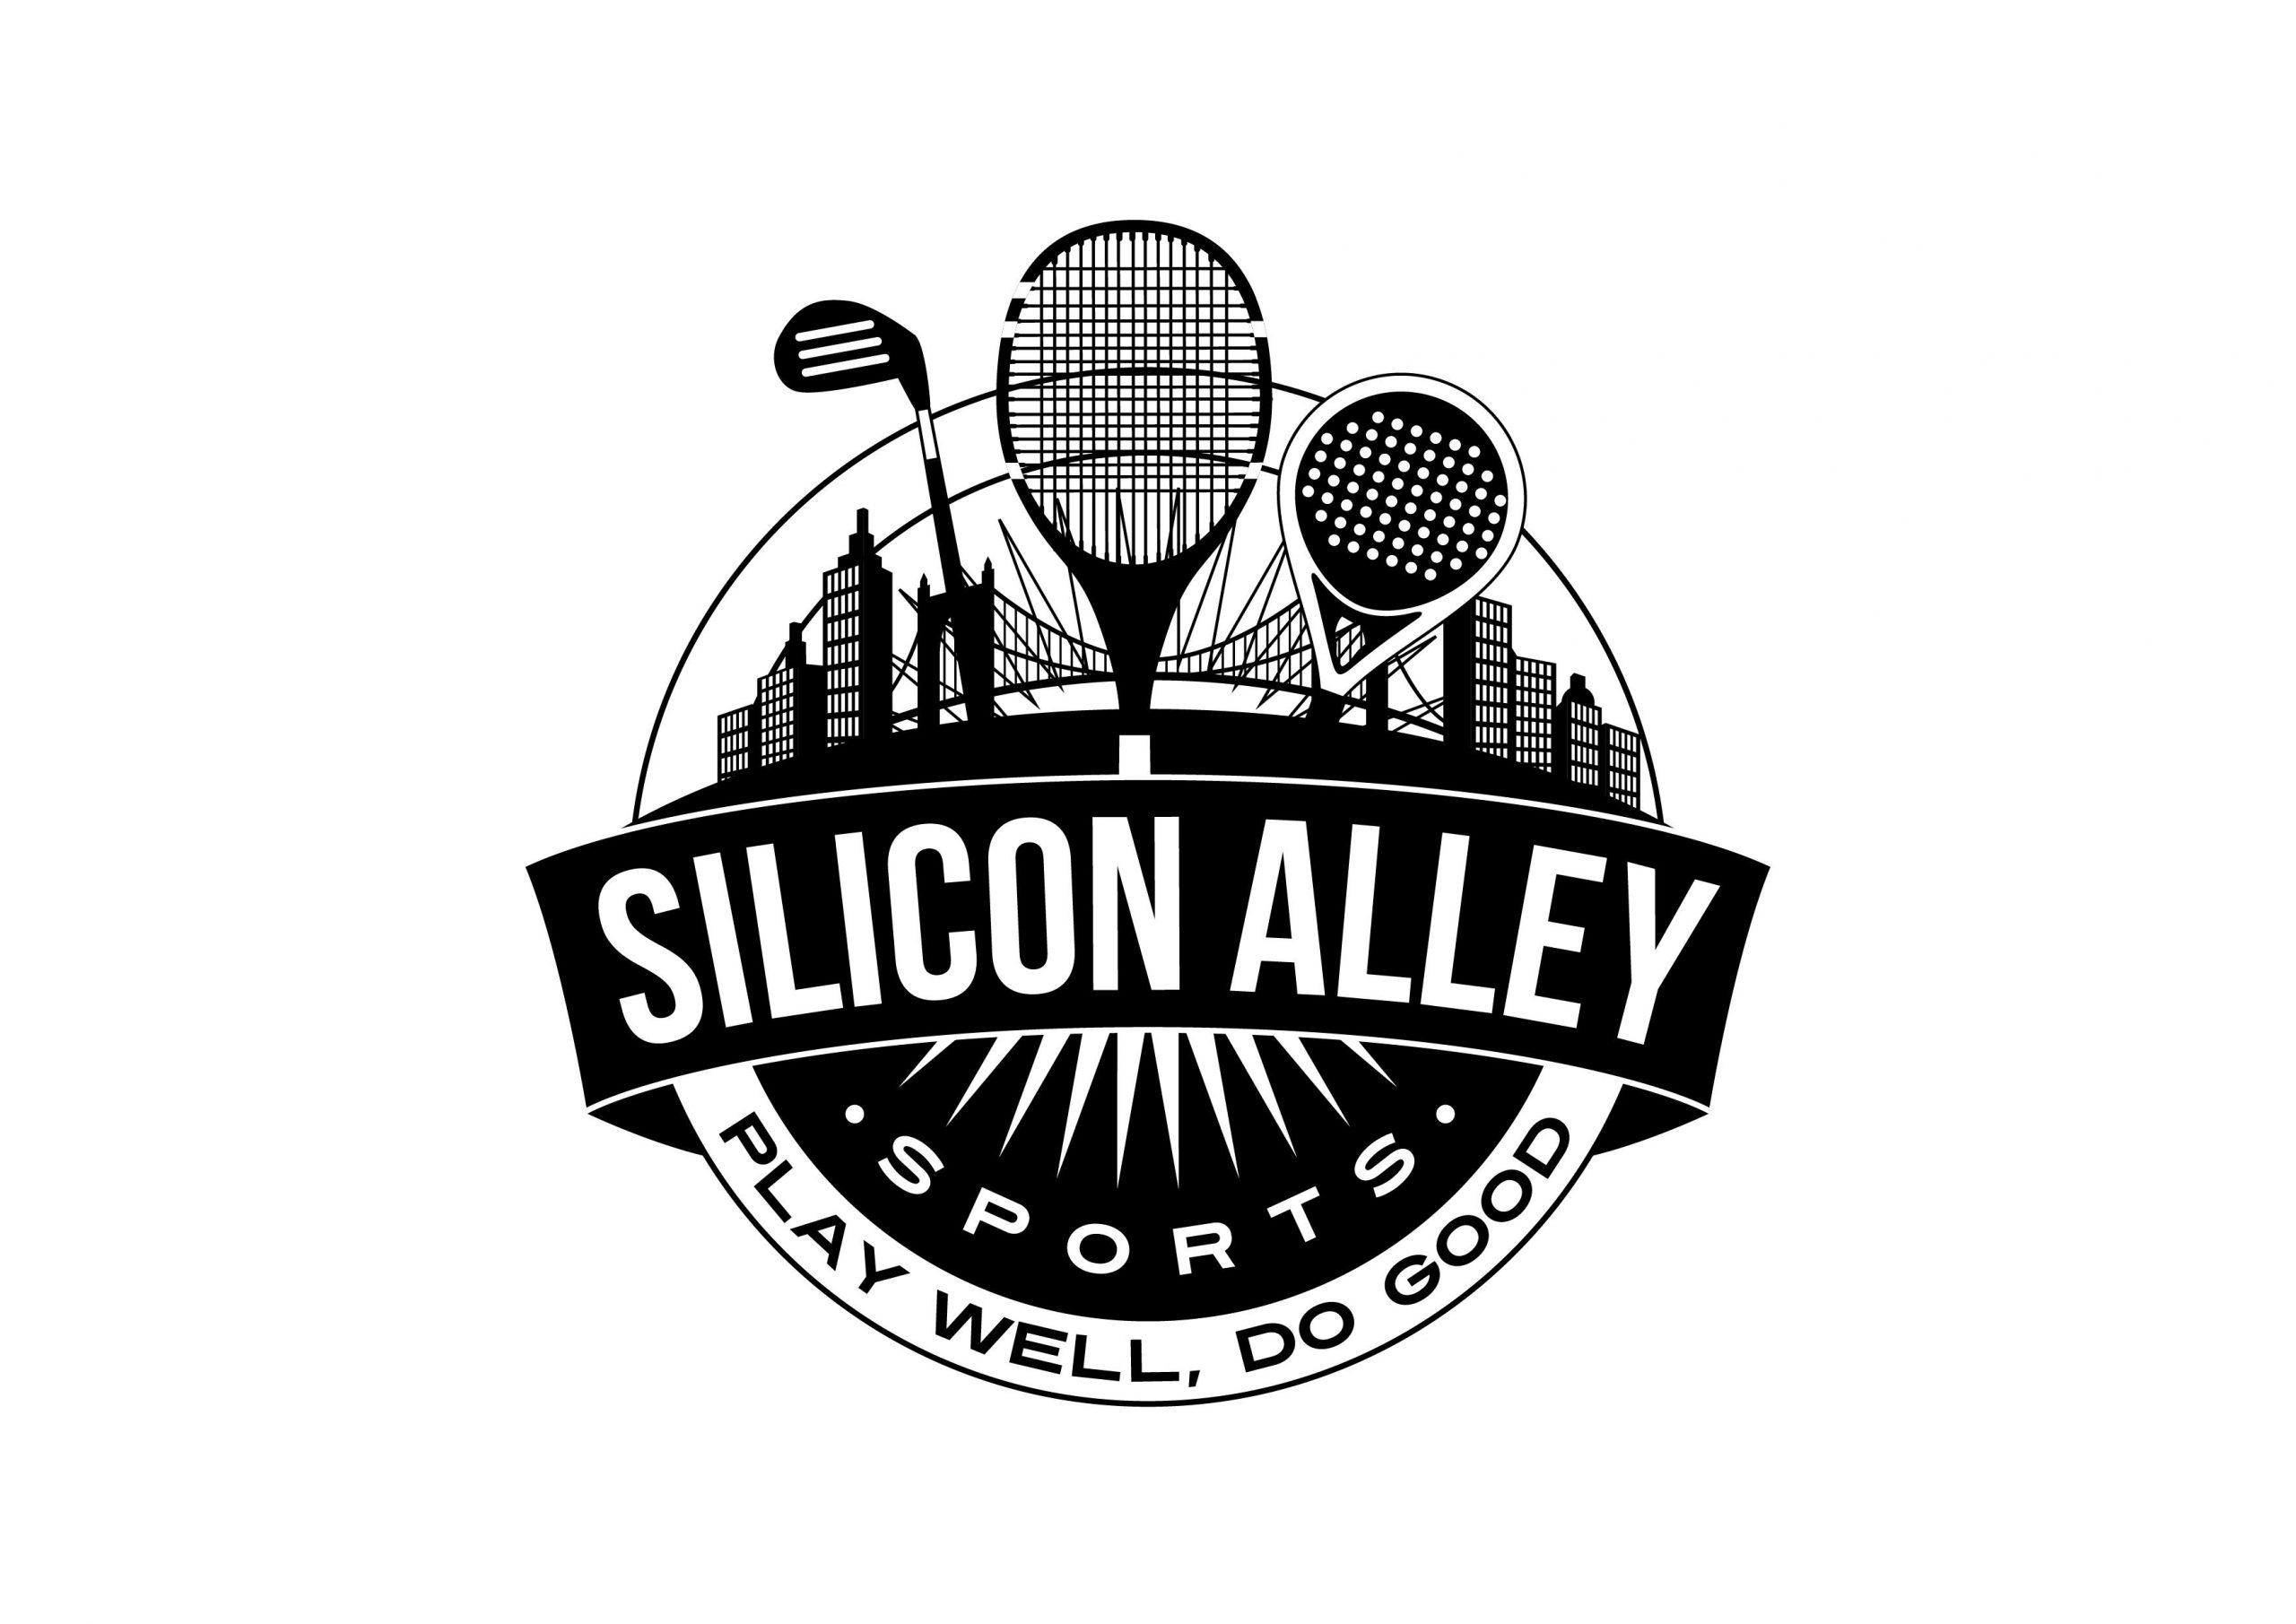 2020 Silicon Alley Golf Invitational